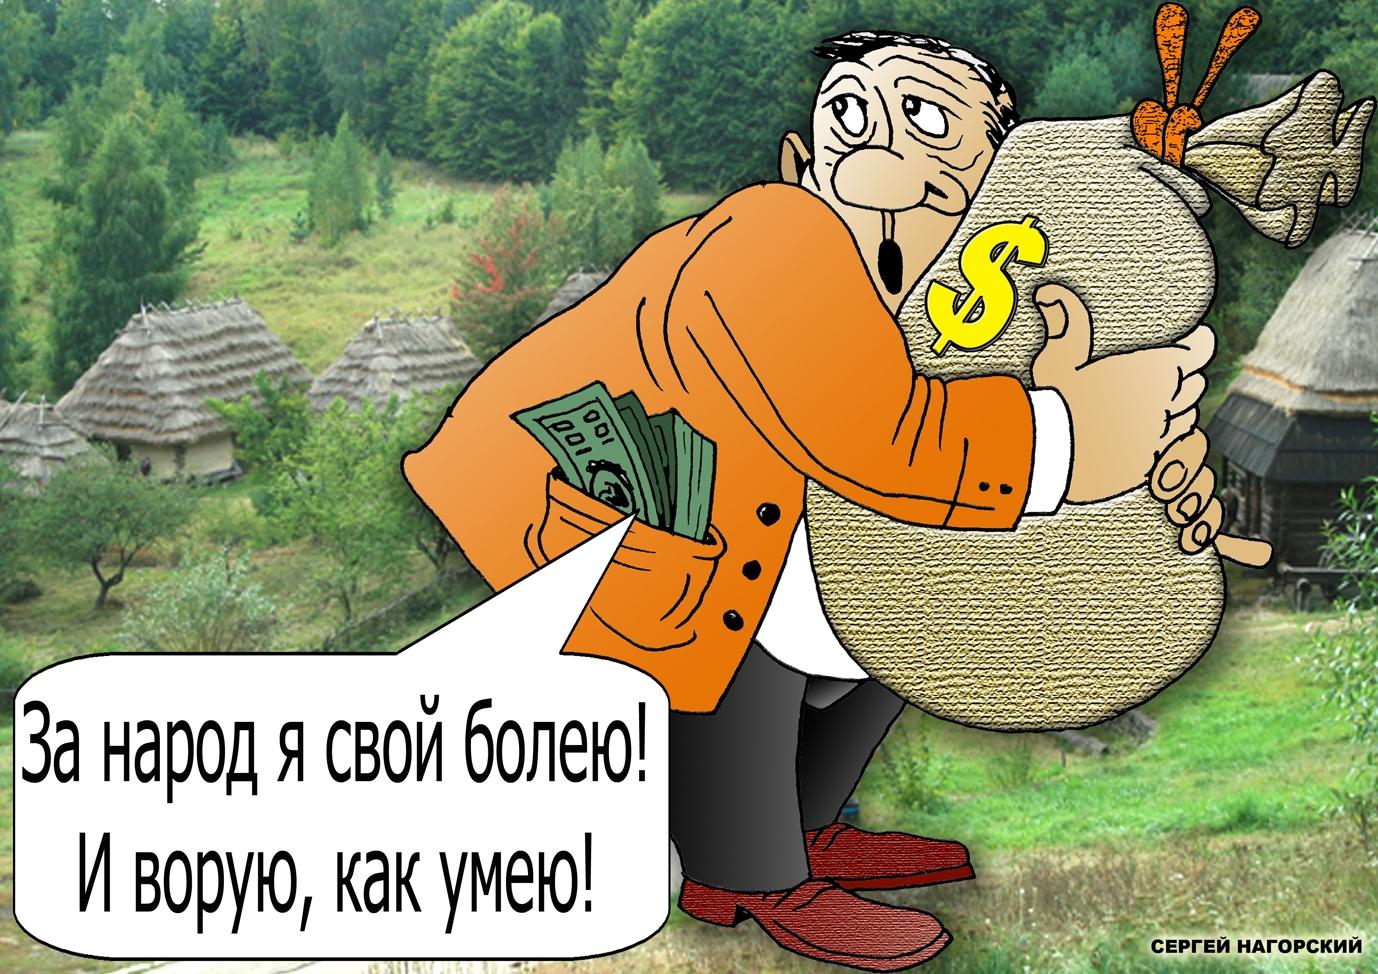 Каждый 20 рубль бюджета России украден чиновниками, которые воруют миллионами